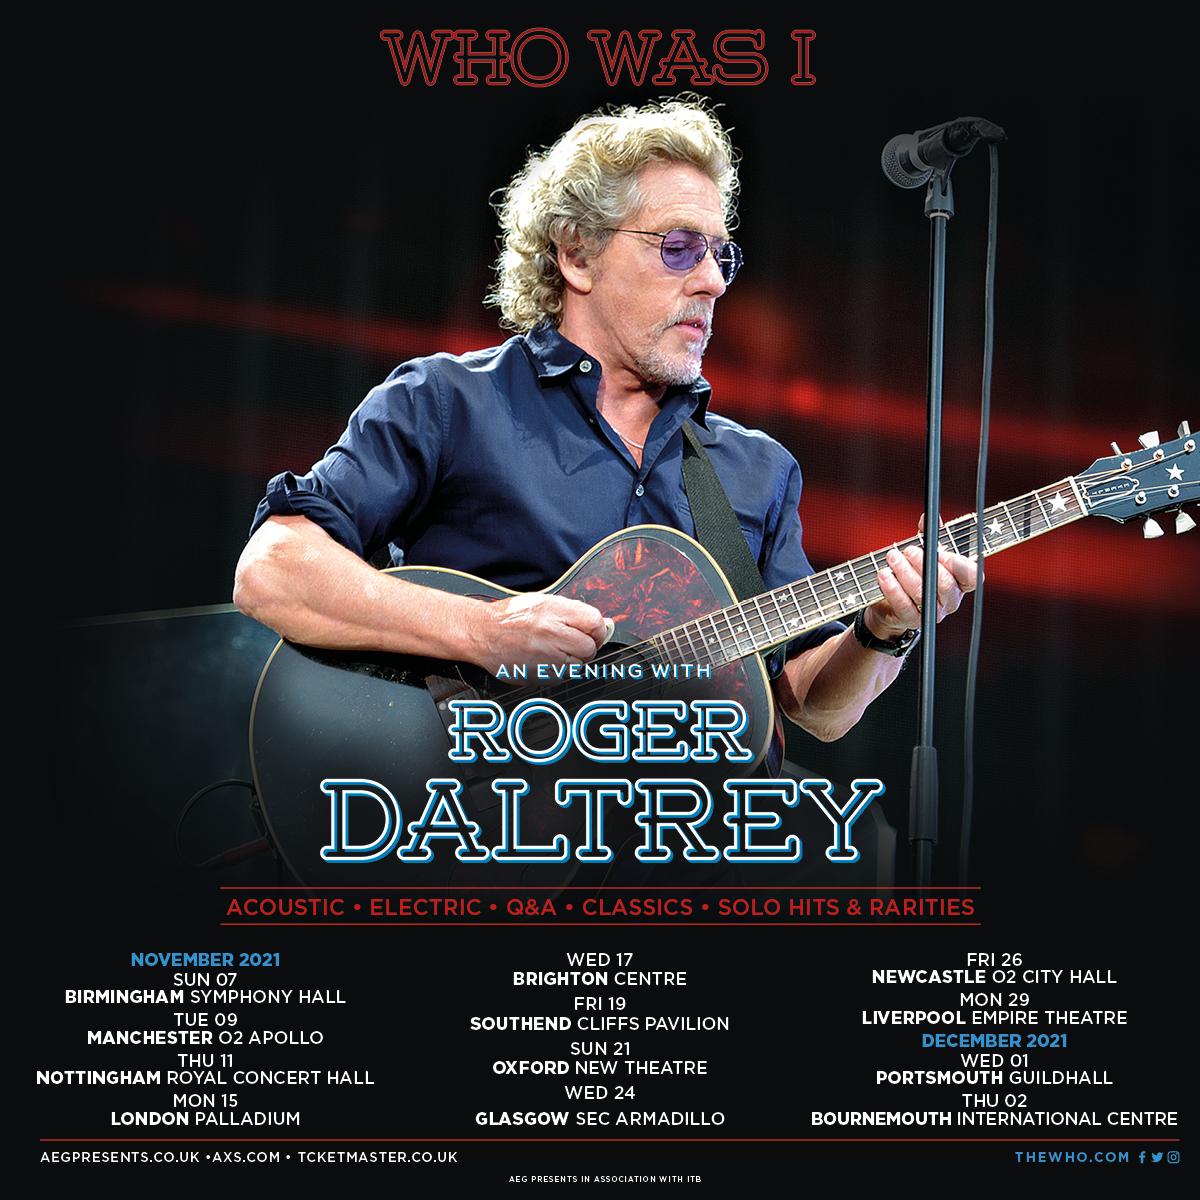 Roger Daltrey 2021 UK tour